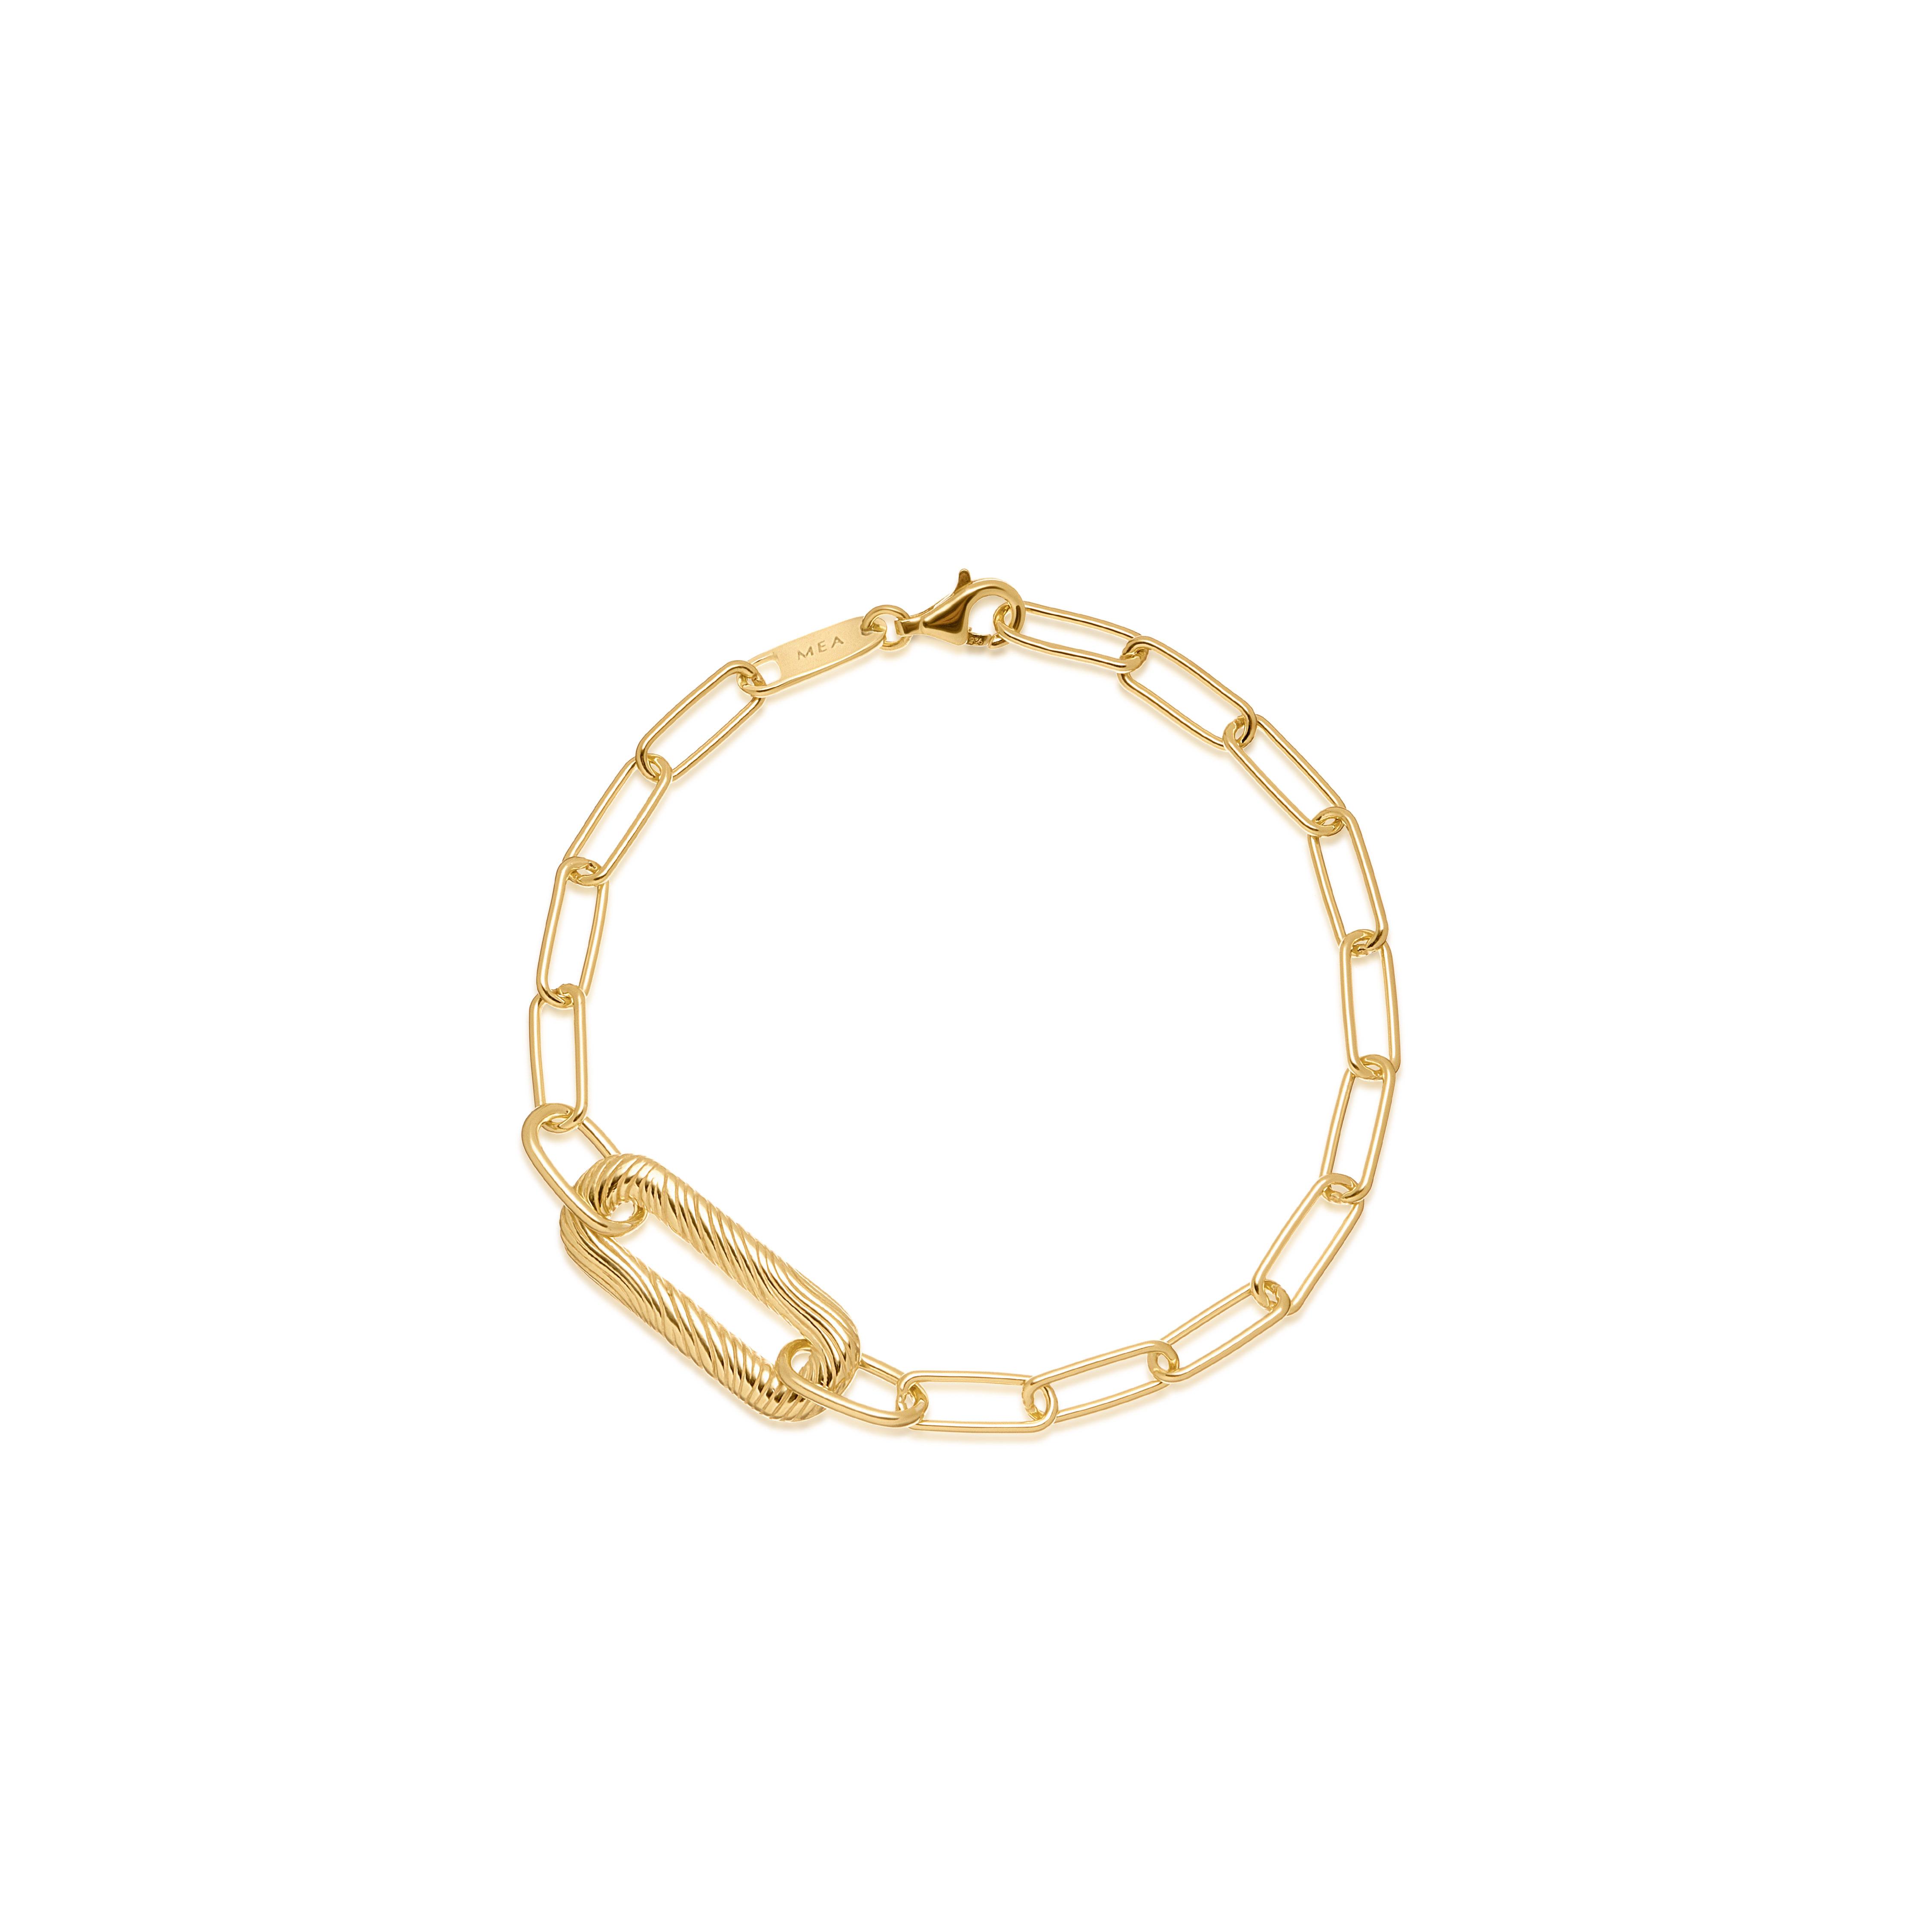 W.KRUK bransoleta MEA, srebro złocone, cena 379 zł